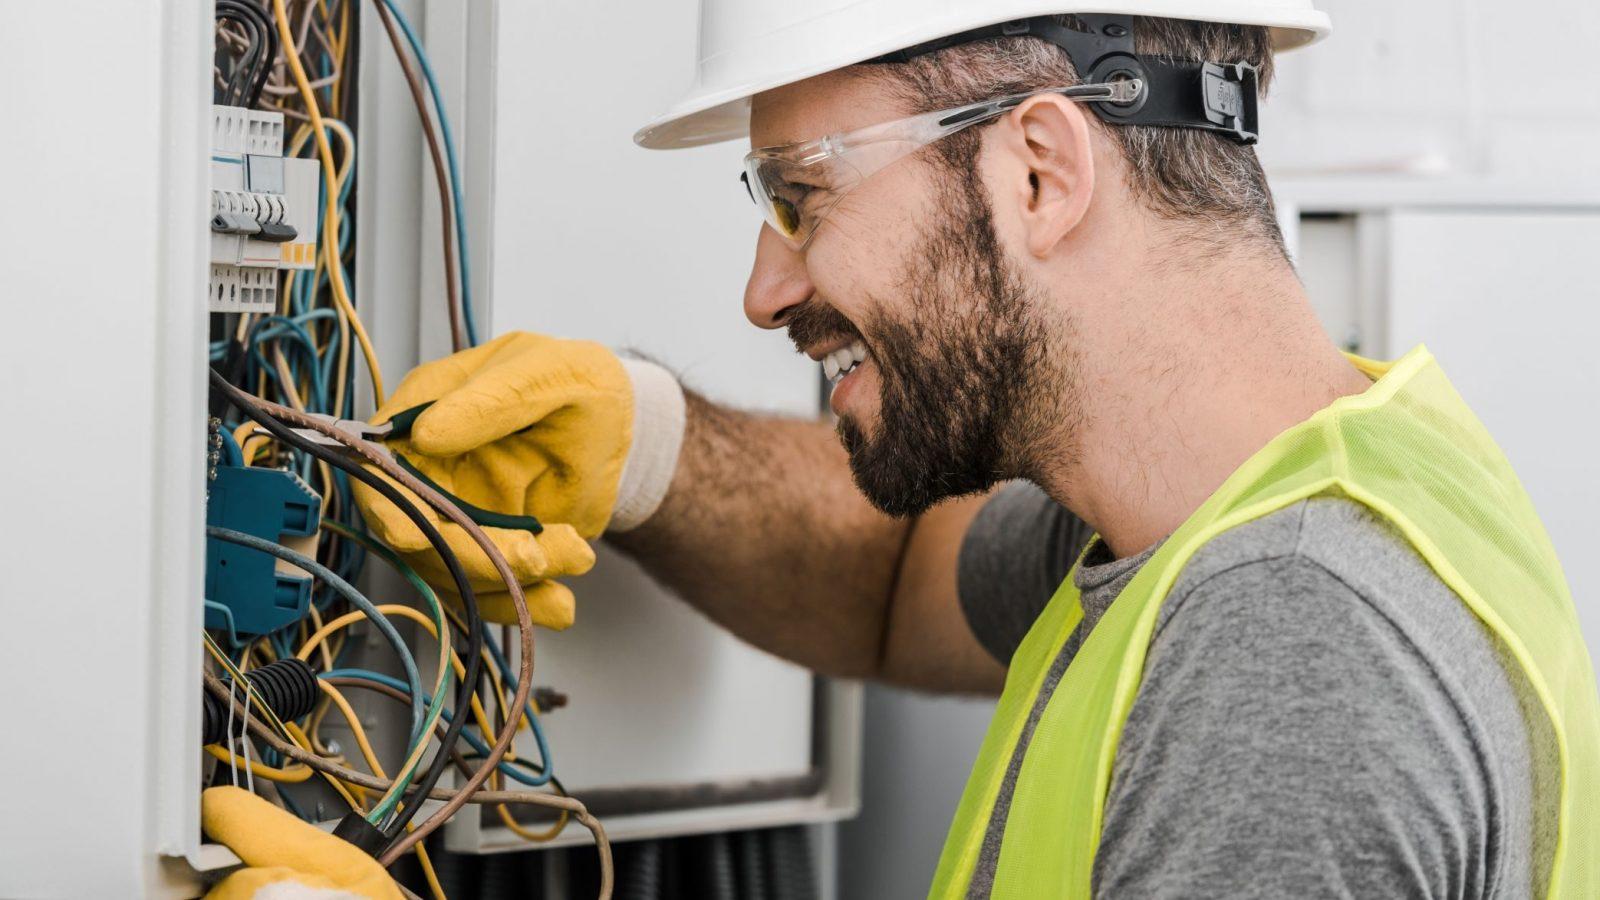 Mangotree Verzekeringen Heeft aantrekkelijk zekerheidspakket voor de installatiebranche